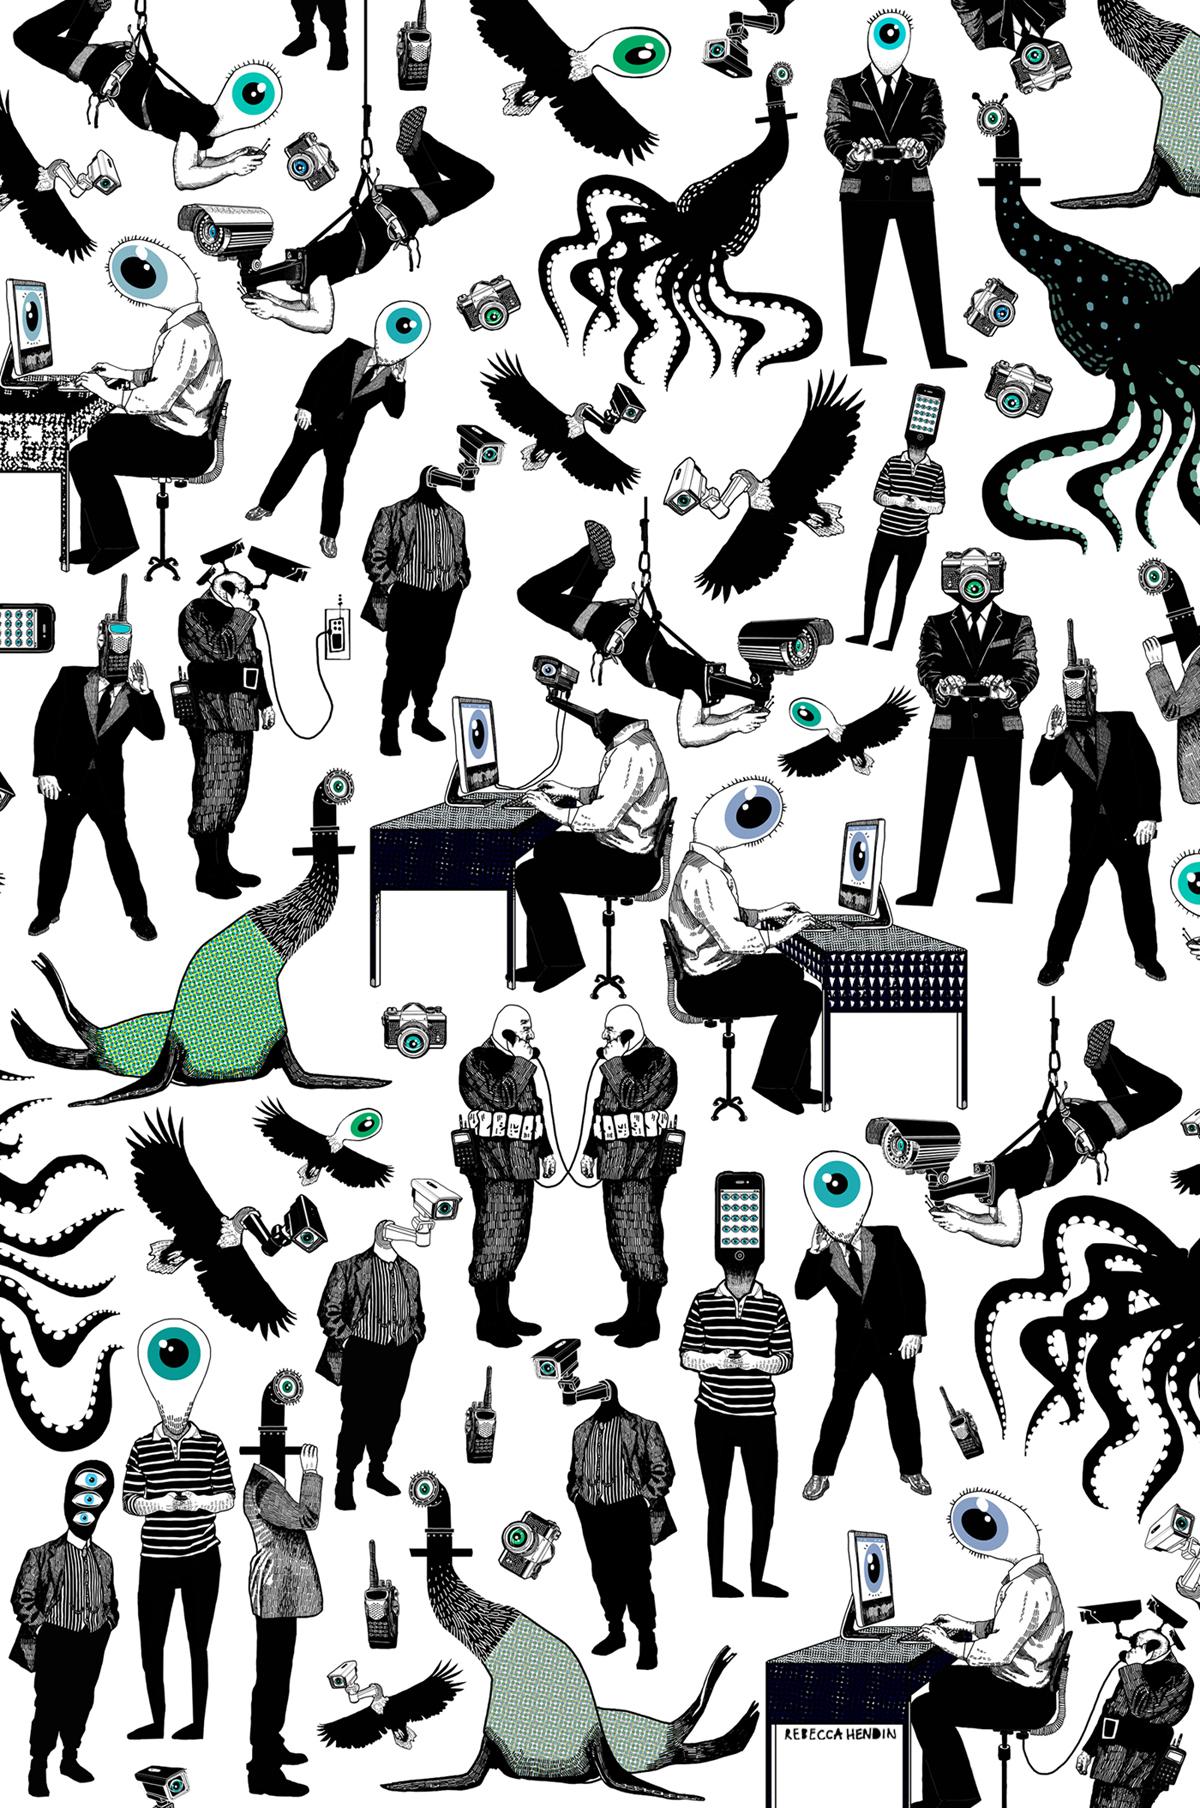 Eye Spy Illustration STRIKE Magazine